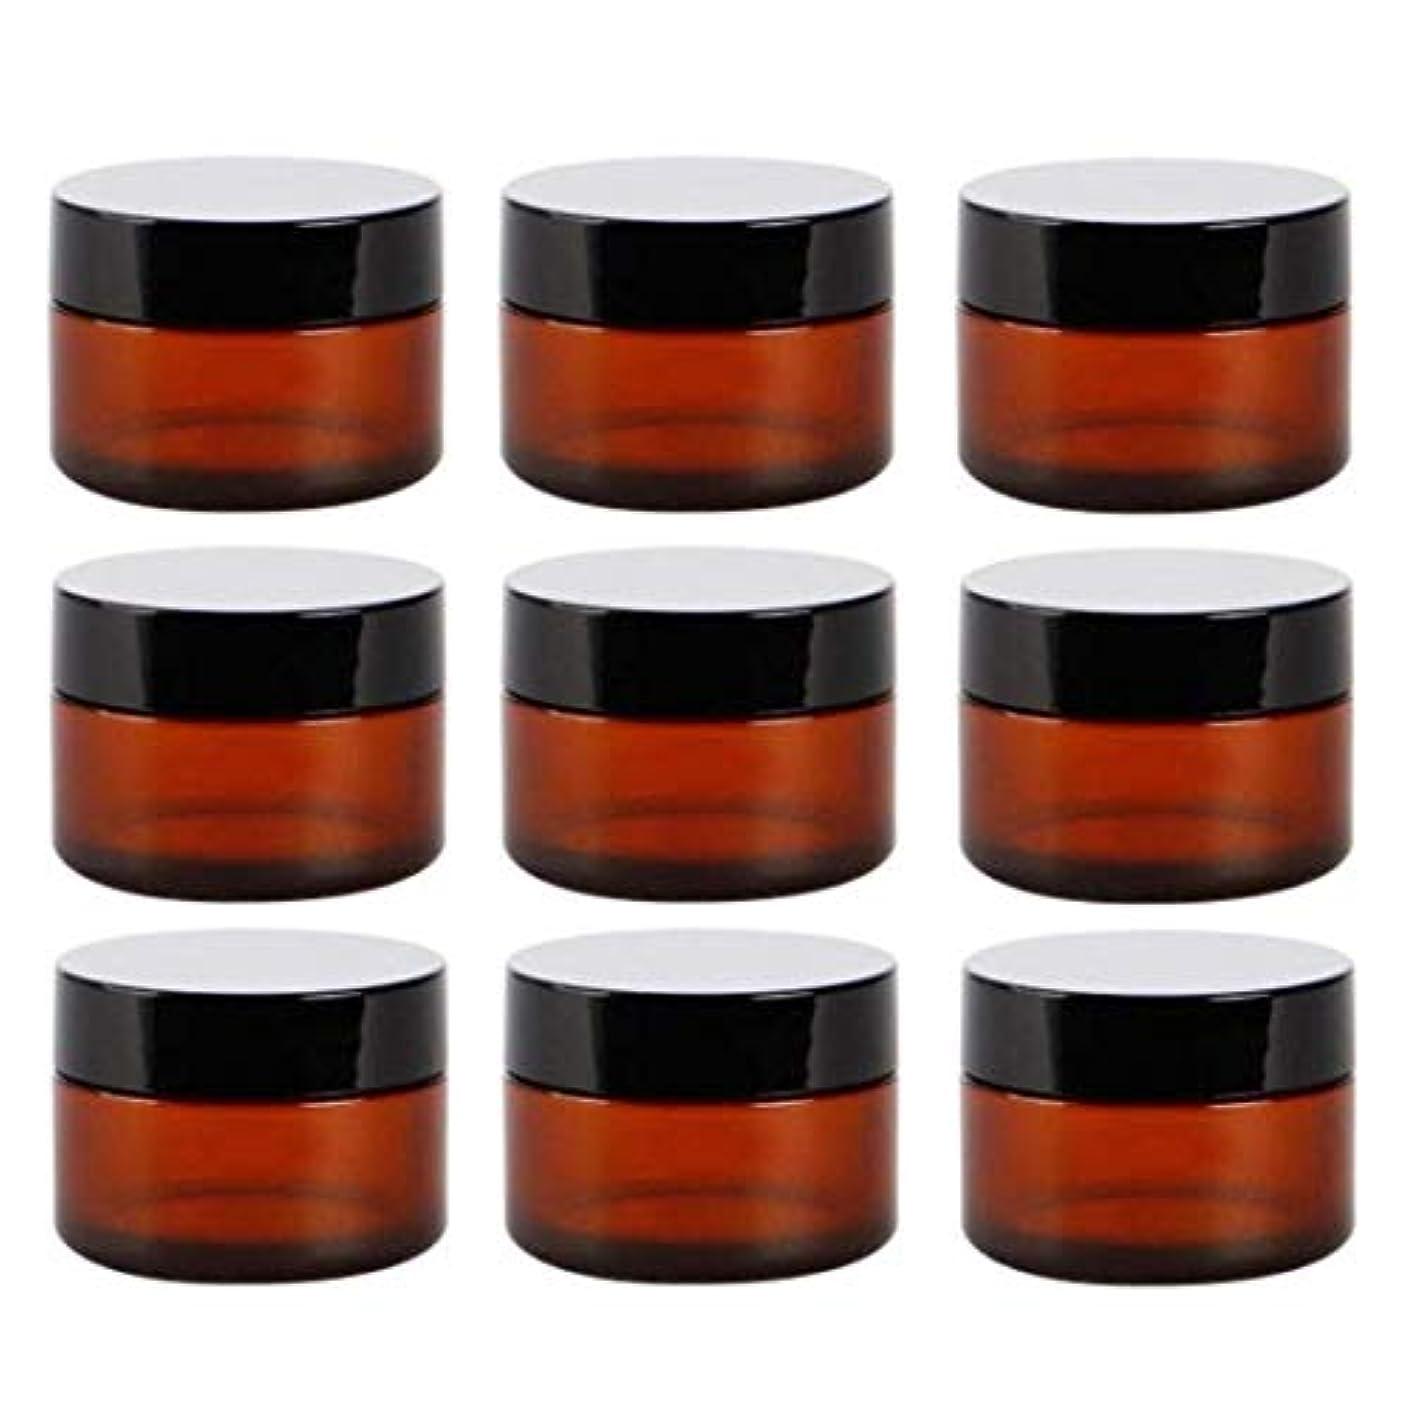 アロマオイル 精油 香水やアロマの保存 小分け用 遮光瓶 詰替え ガラス製 9本セット茶色10g